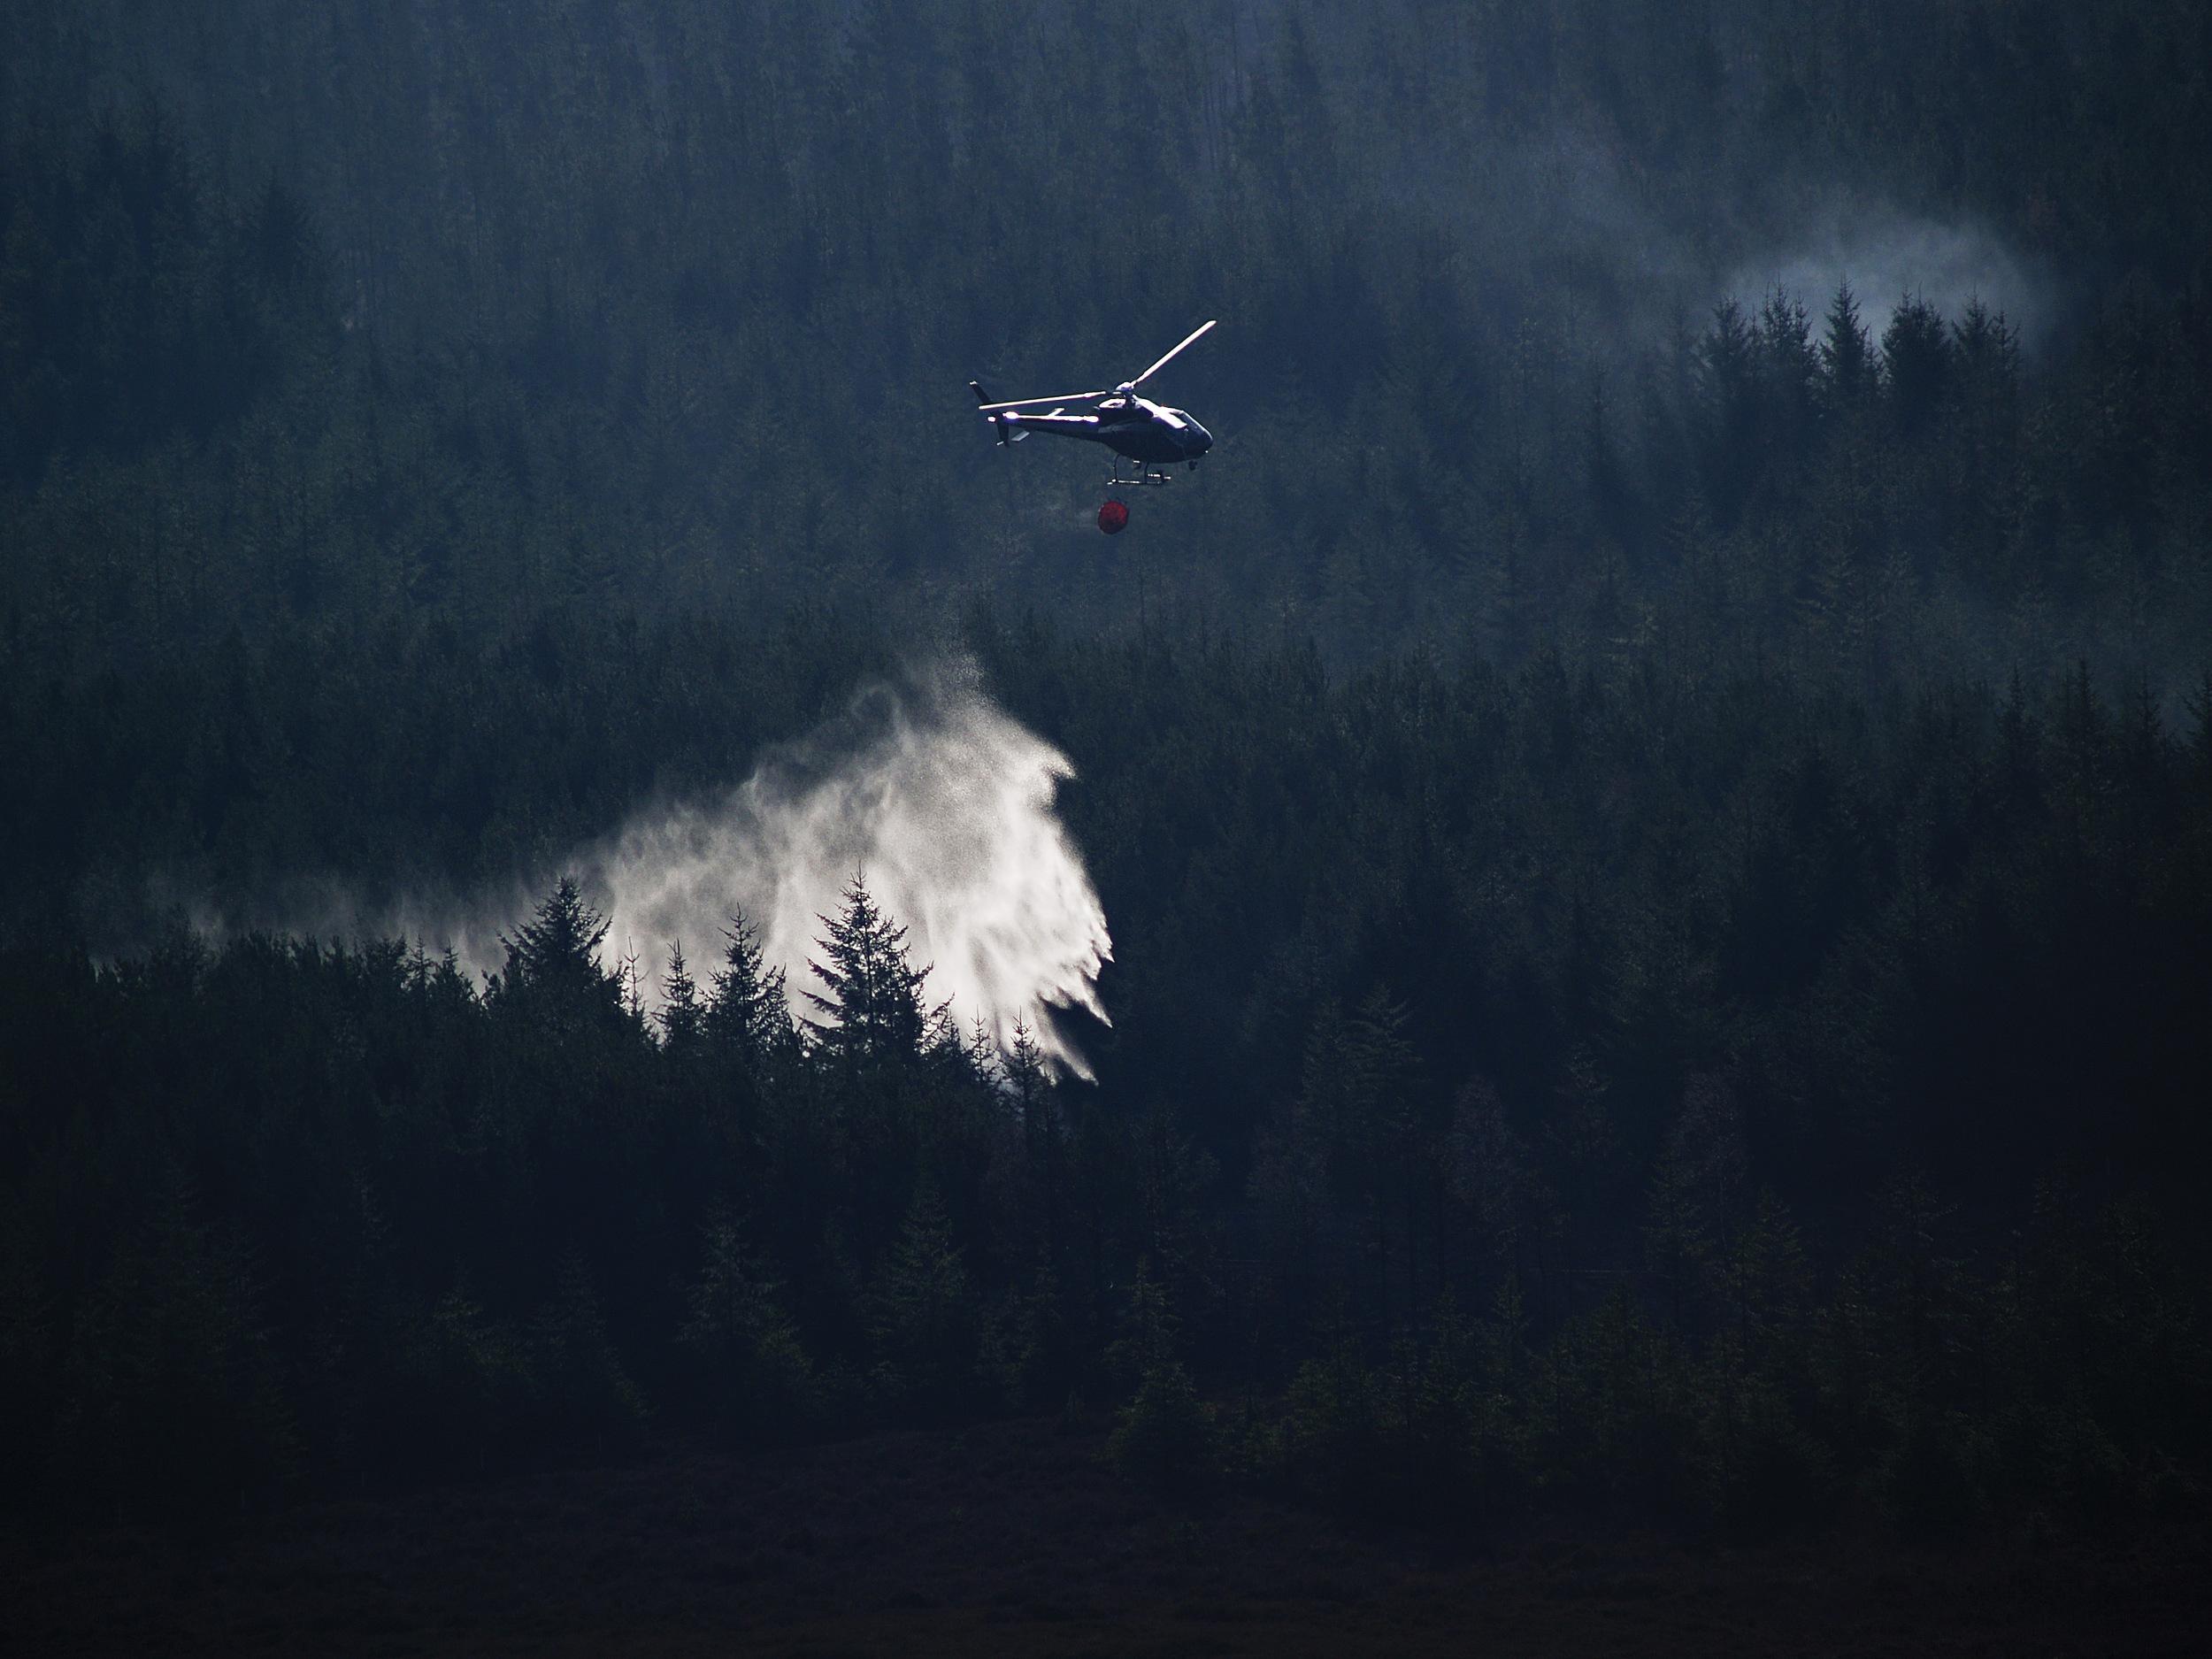 I løpet av de siste 30 årene har blant annet slokkingsutstyret og slokkingsmetodene blitt forbedret, dette har ført til en nedgang i antall skogbranner og brent areal. Foto: John Dalrymple